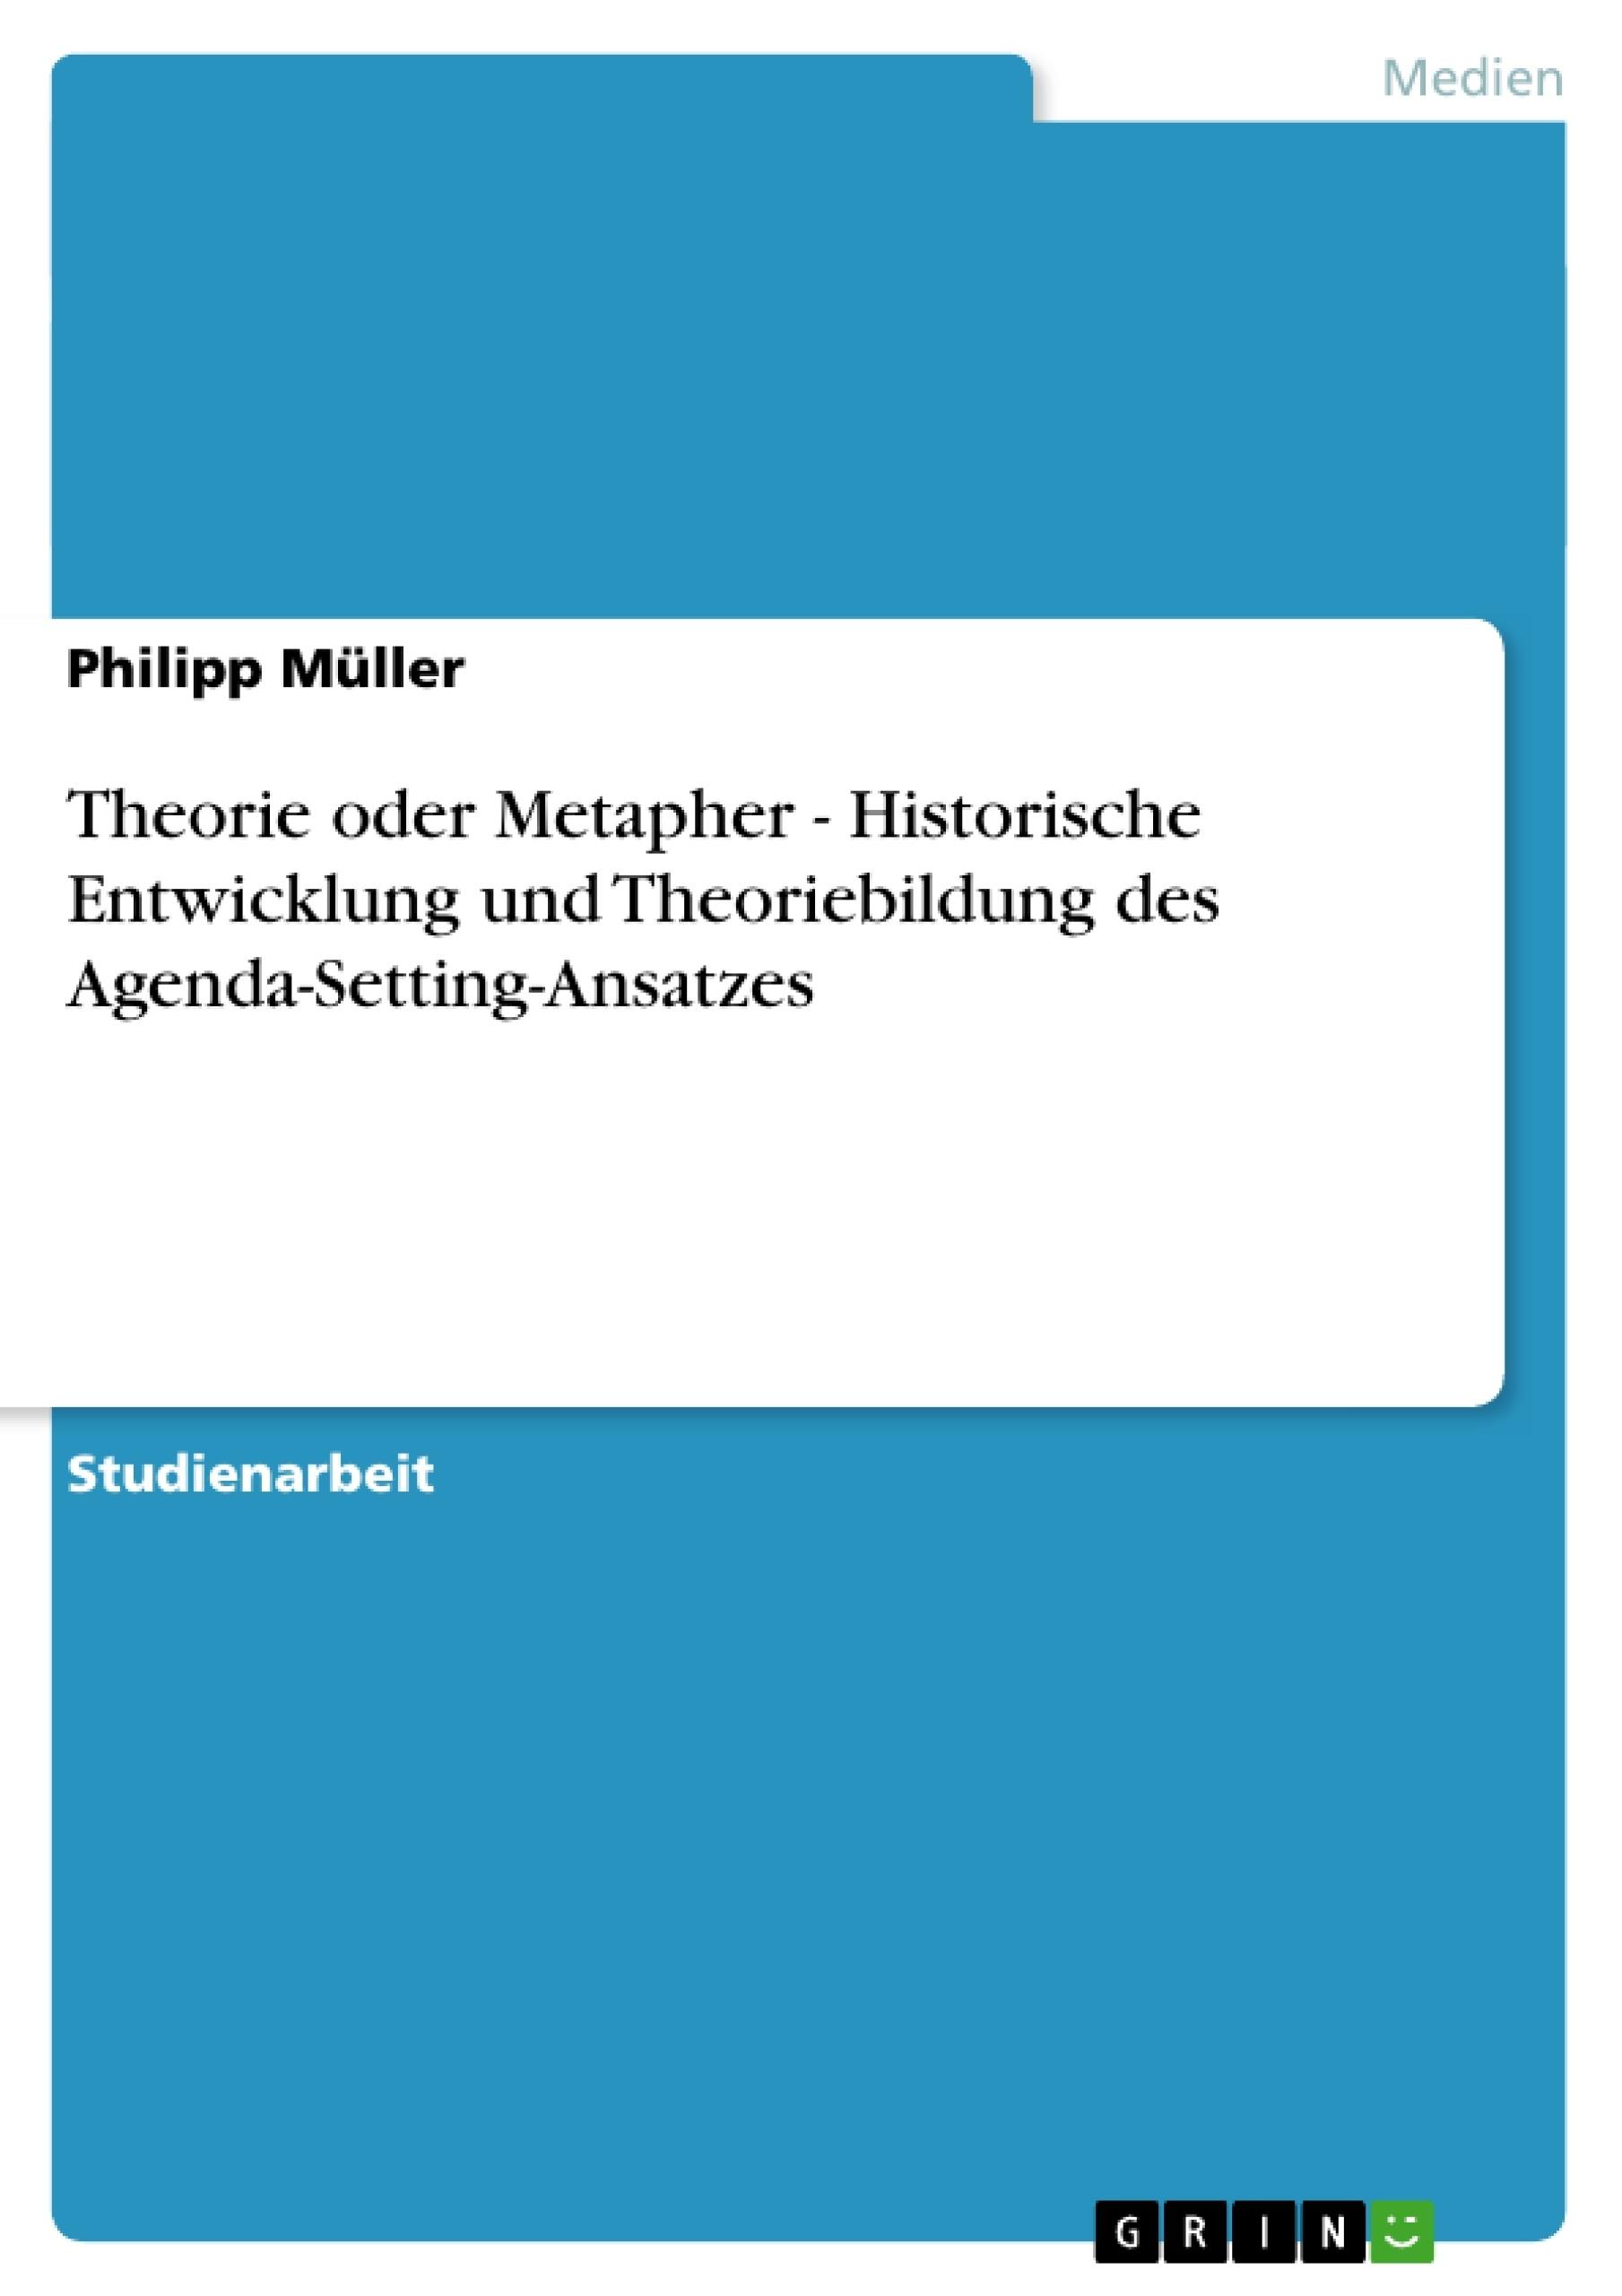 Titel: Theorie oder Metapher - Historische Entwicklung und Theoriebildung des Agenda-Setting-Ansatzes